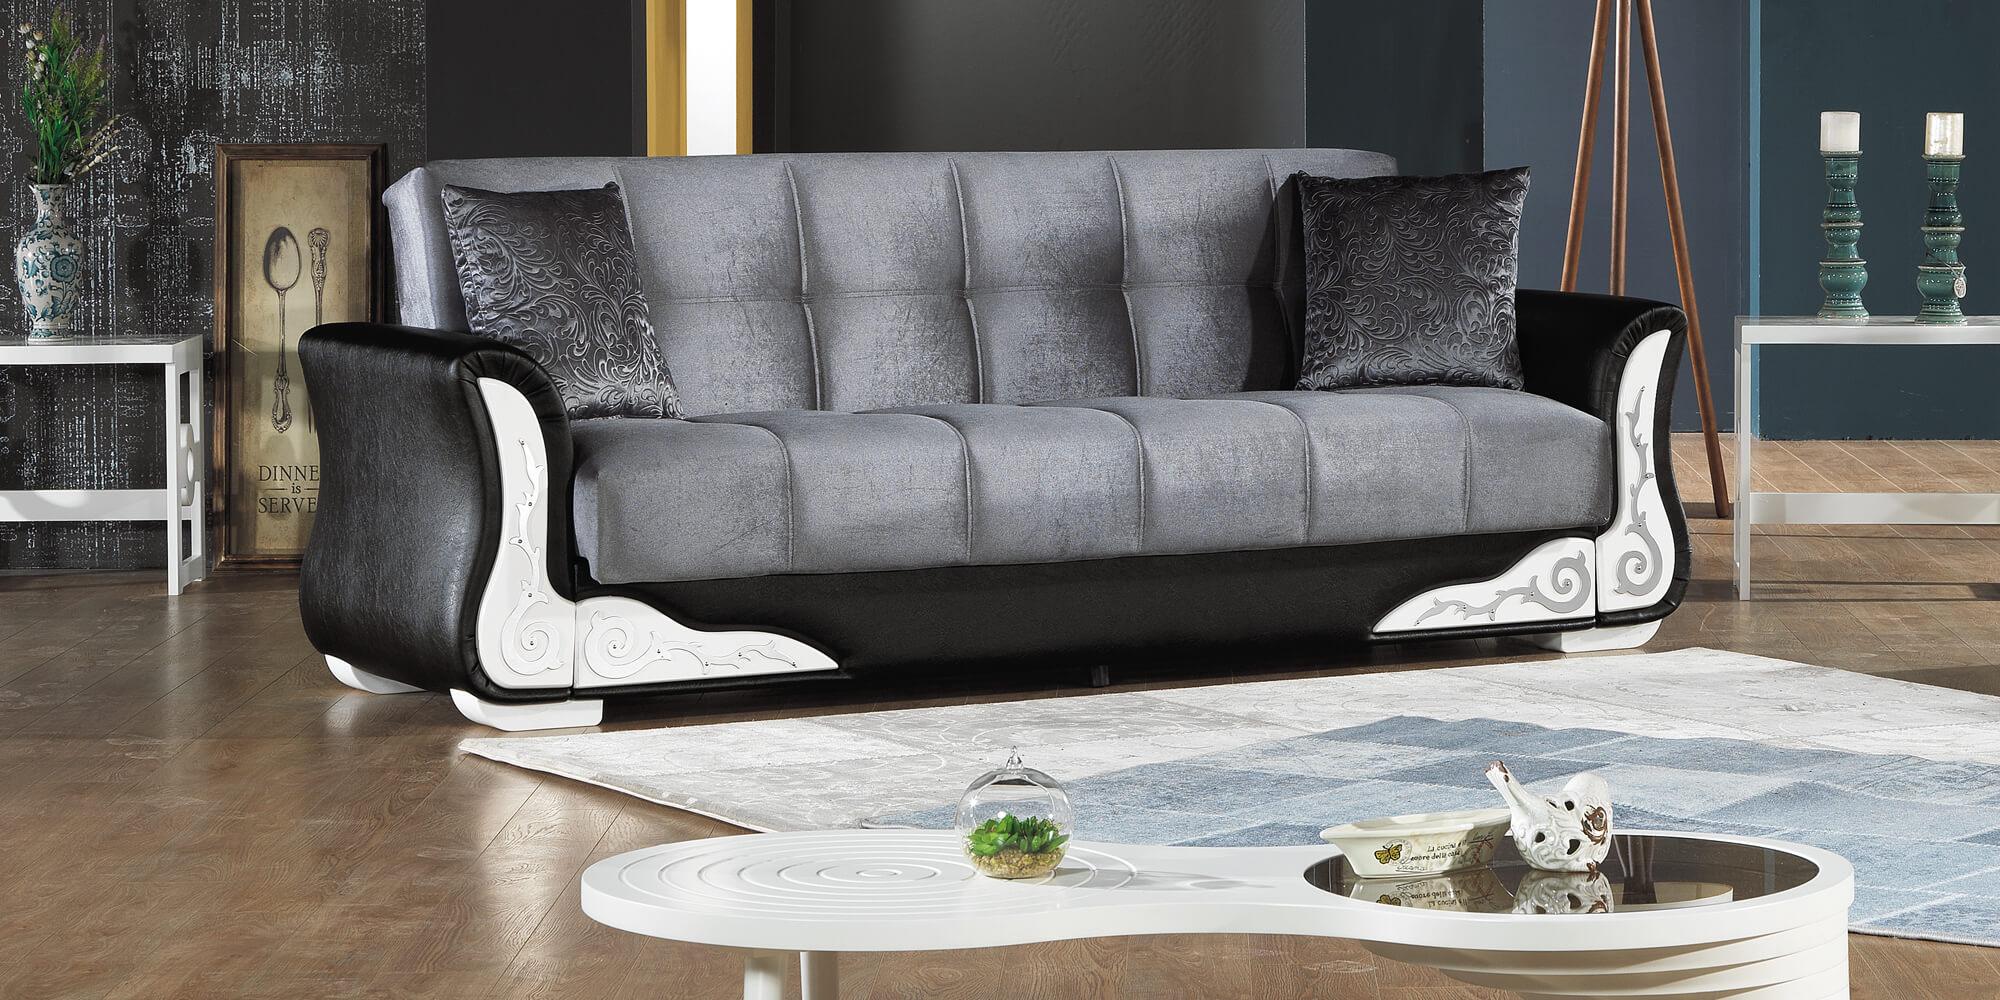 ciragan 3 2 1 maxi sofa set yuvam m belhaus in wuppertal cilek offizieller h ndler in europa. Black Bedroom Furniture Sets. Home Design Ideas